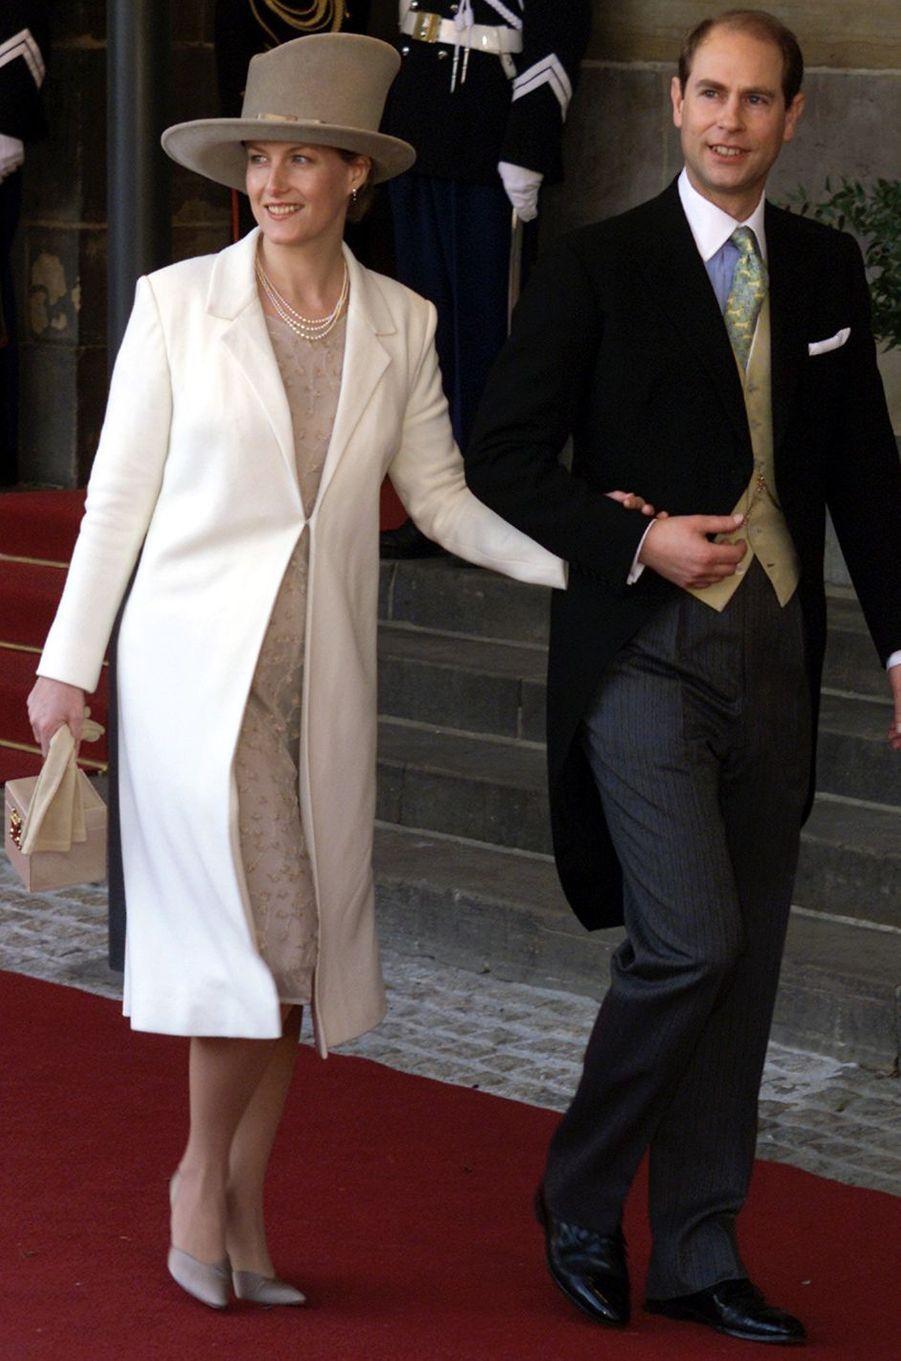 La comtesse Sophie de Wessex et le prince Edward au mariage du prince Willem-Alexander des Pays-Bas etde Maxima Zorreguieta à Amsterdam, le 2 février 2002